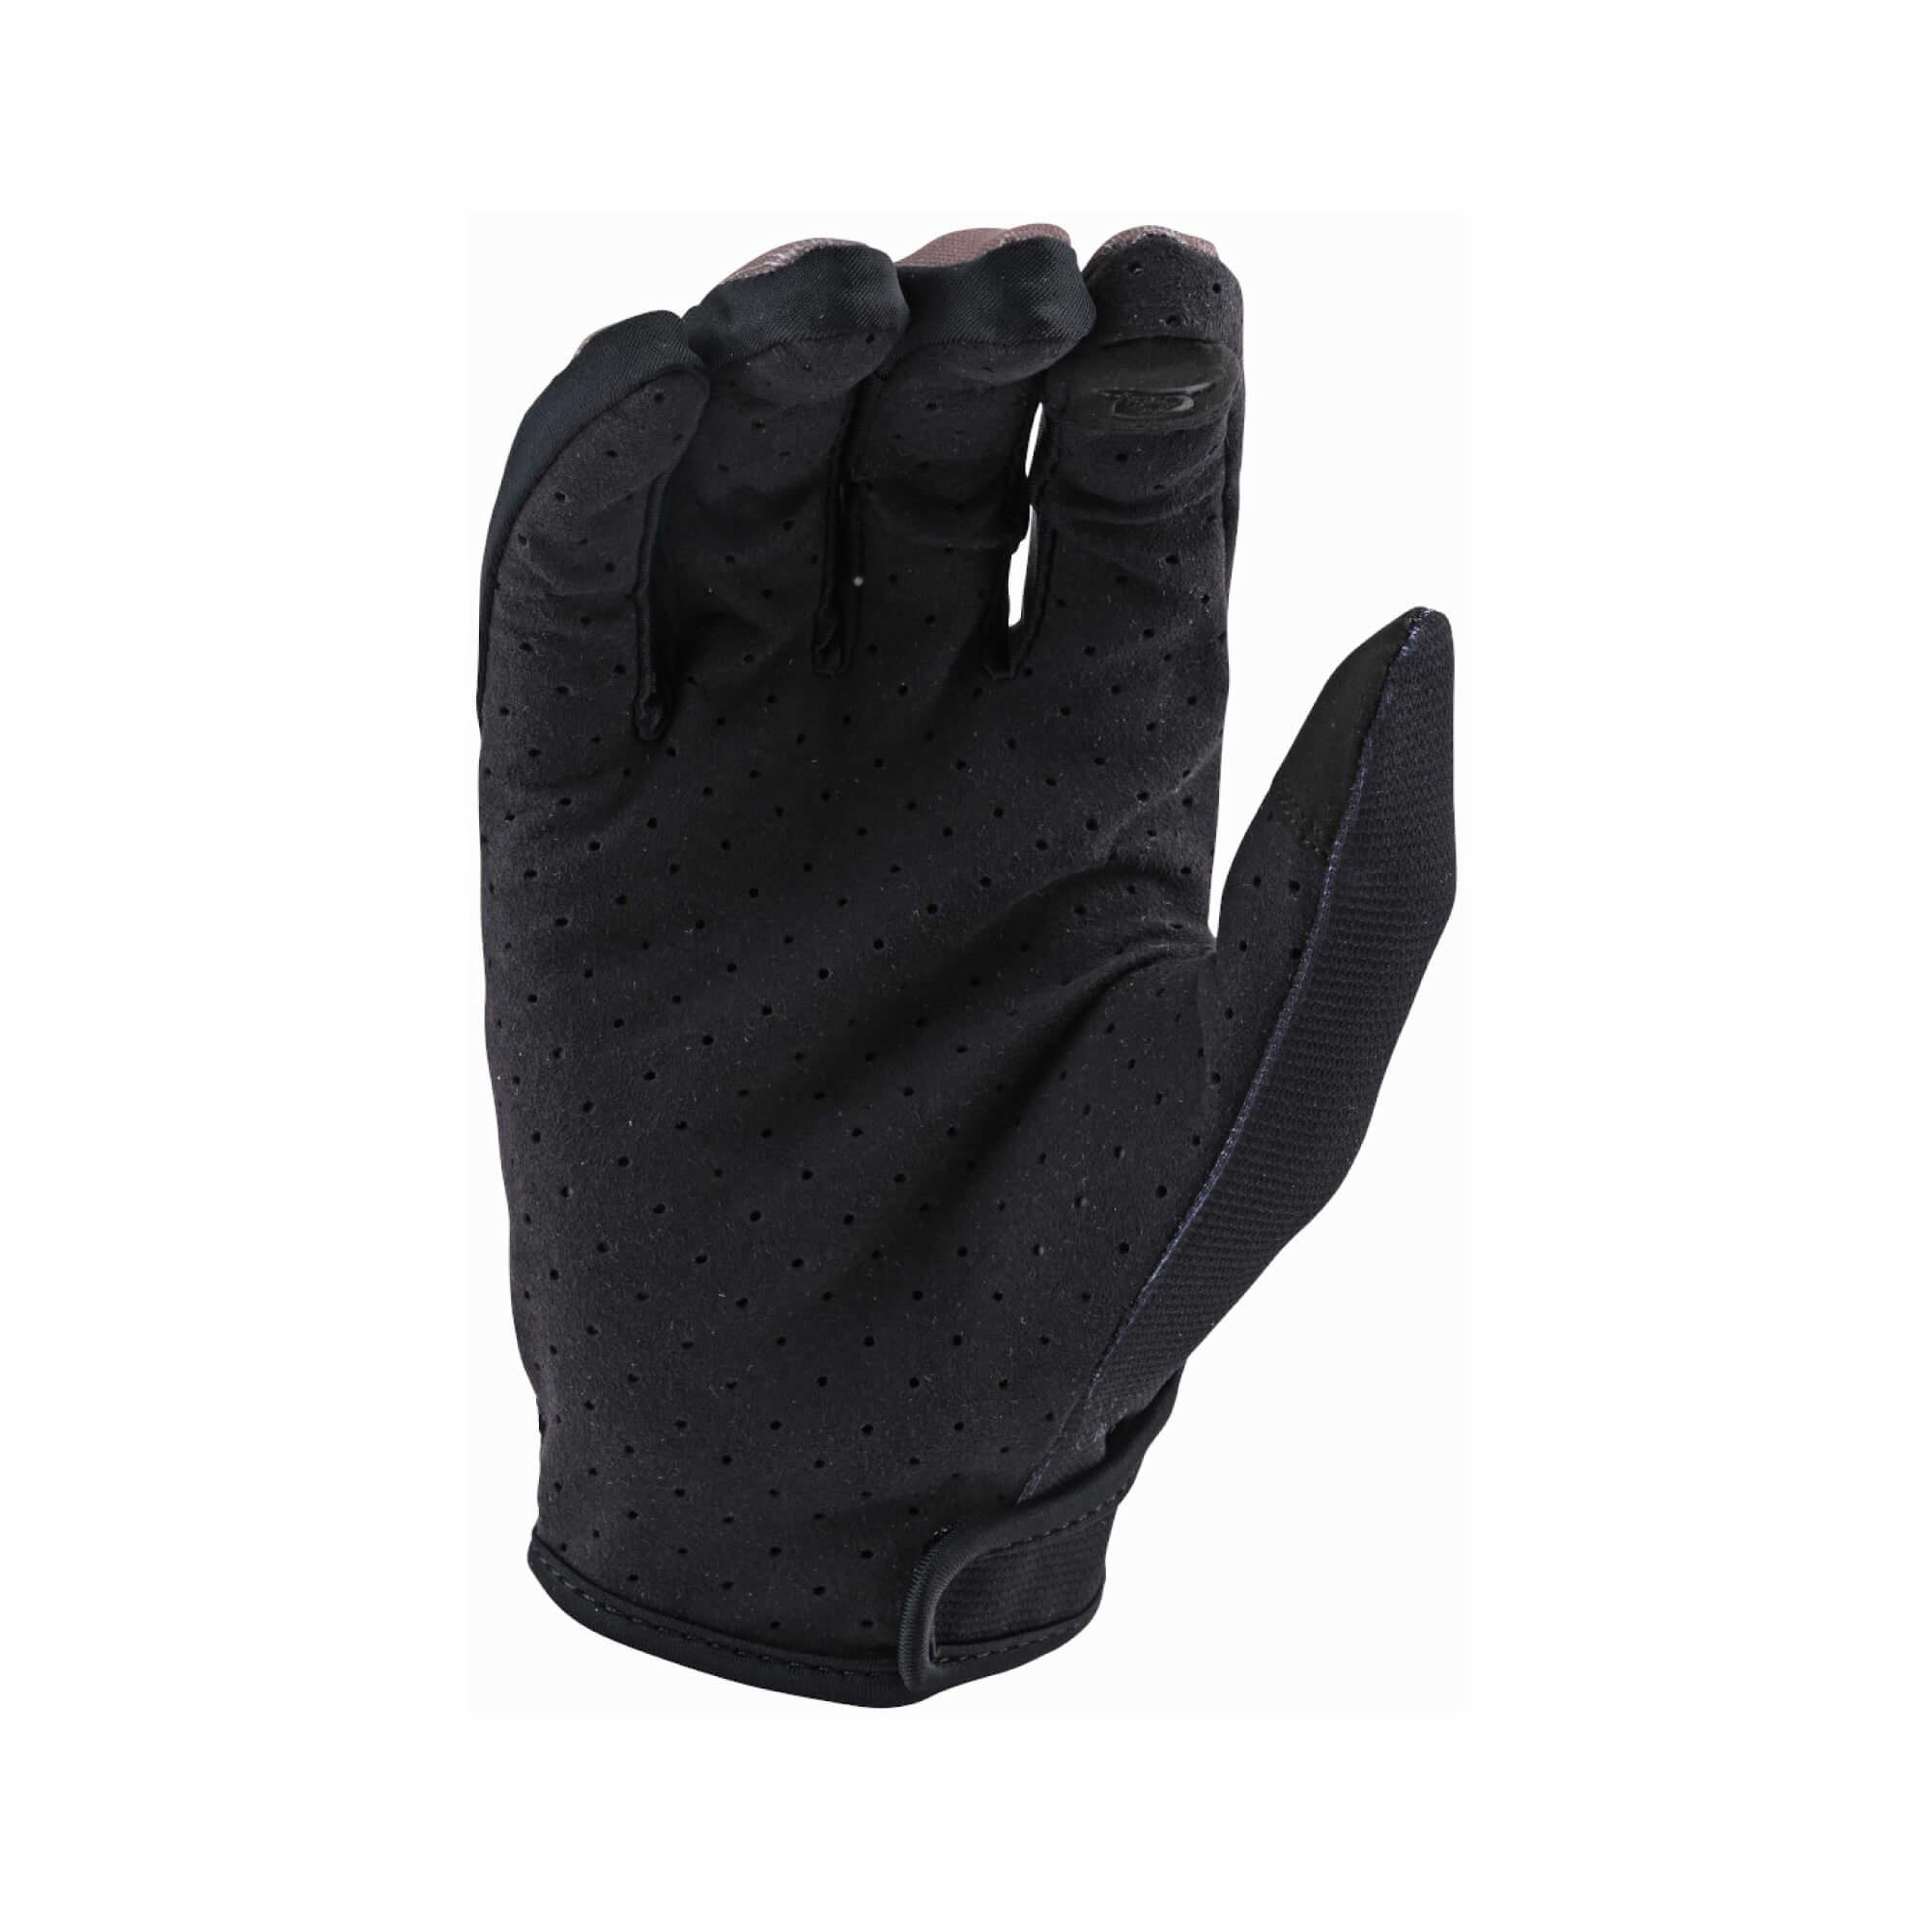 Flowline Glove-2